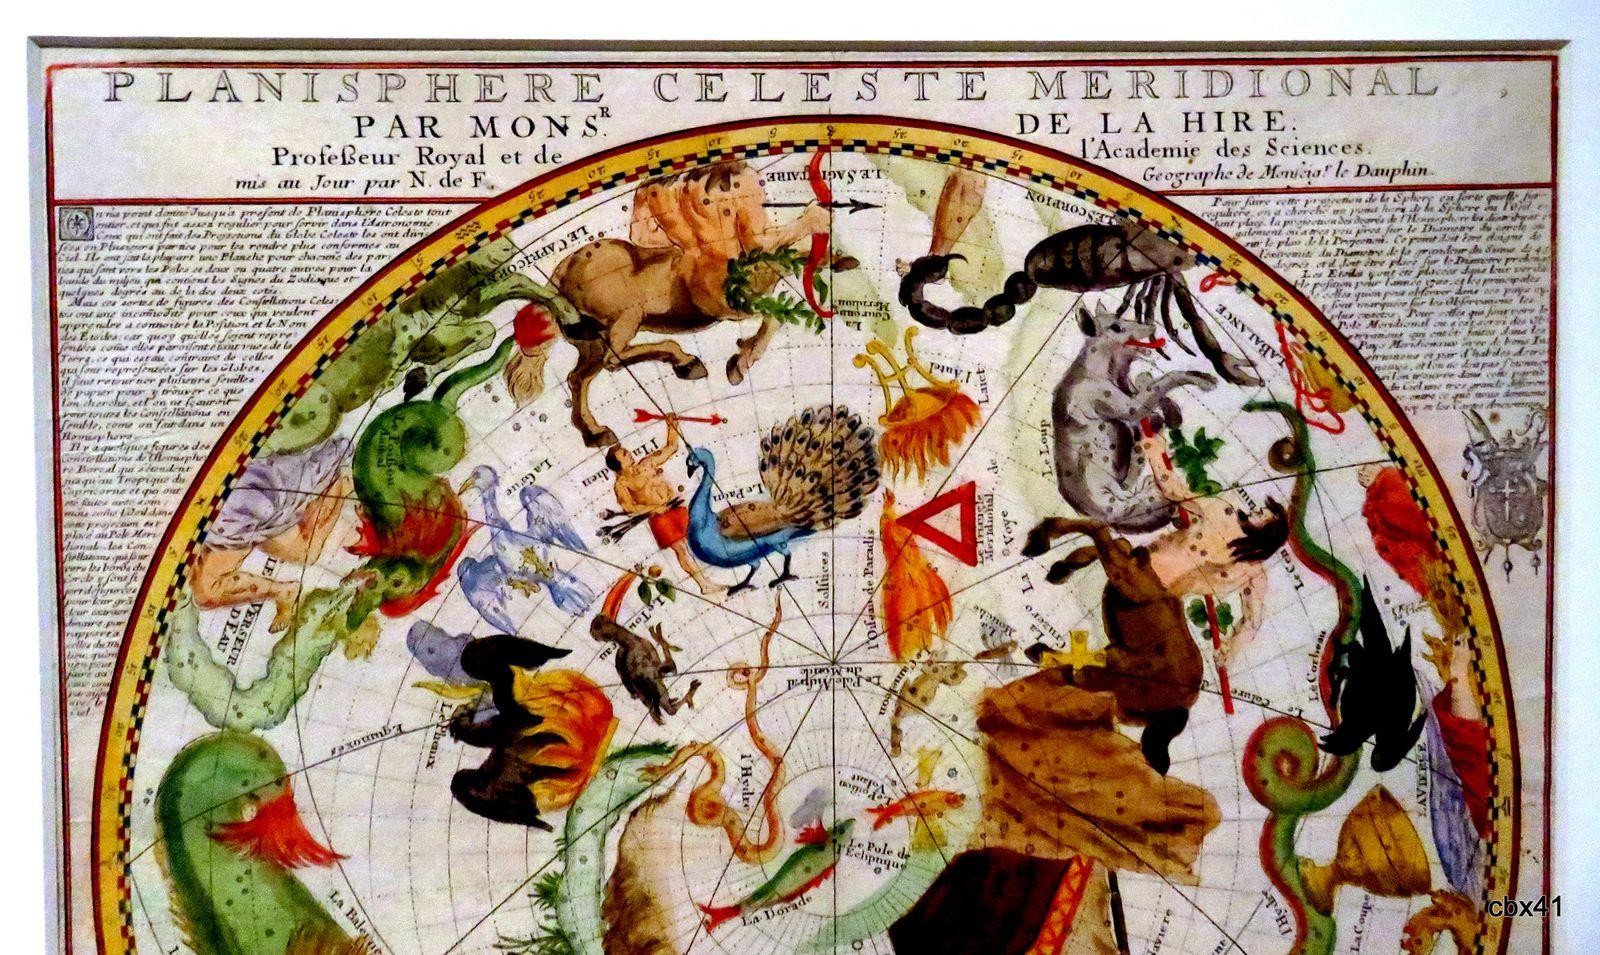 Planisphère céleste méridional (Philippe de Lahire et Nicolas De Fer)